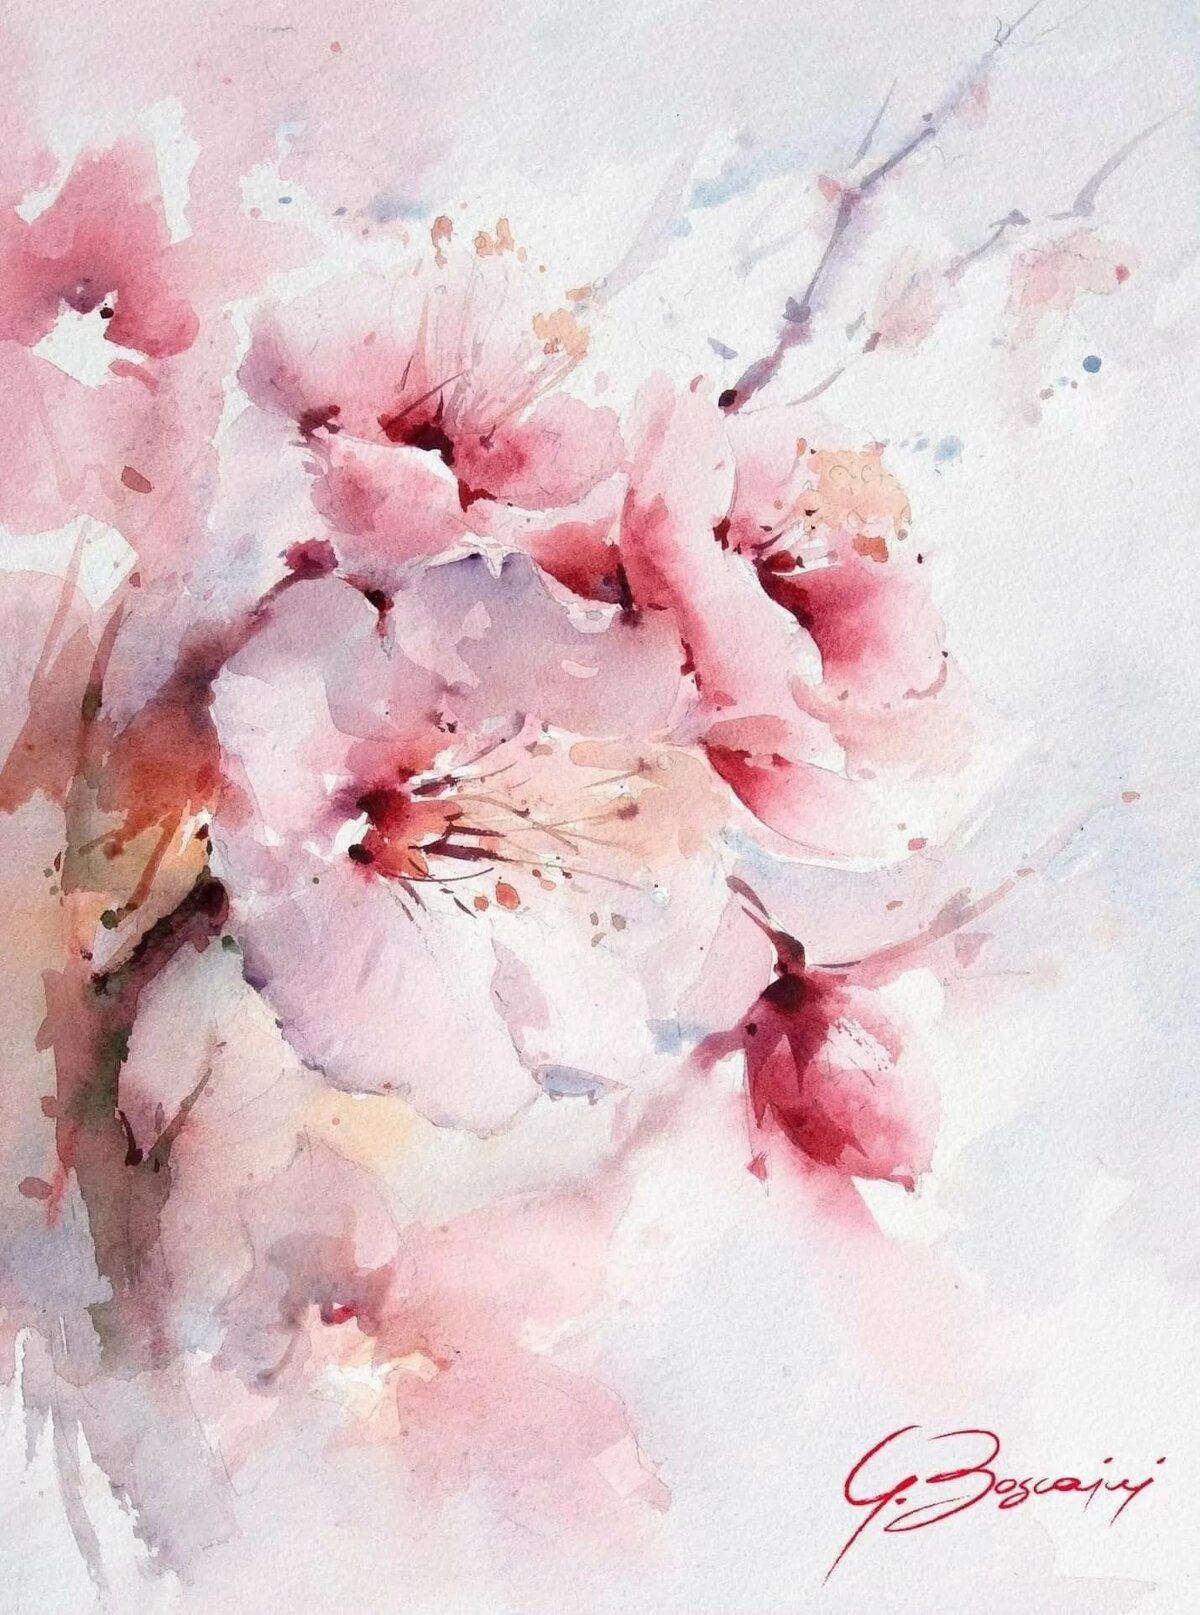 акварельные картинки красивые используйте